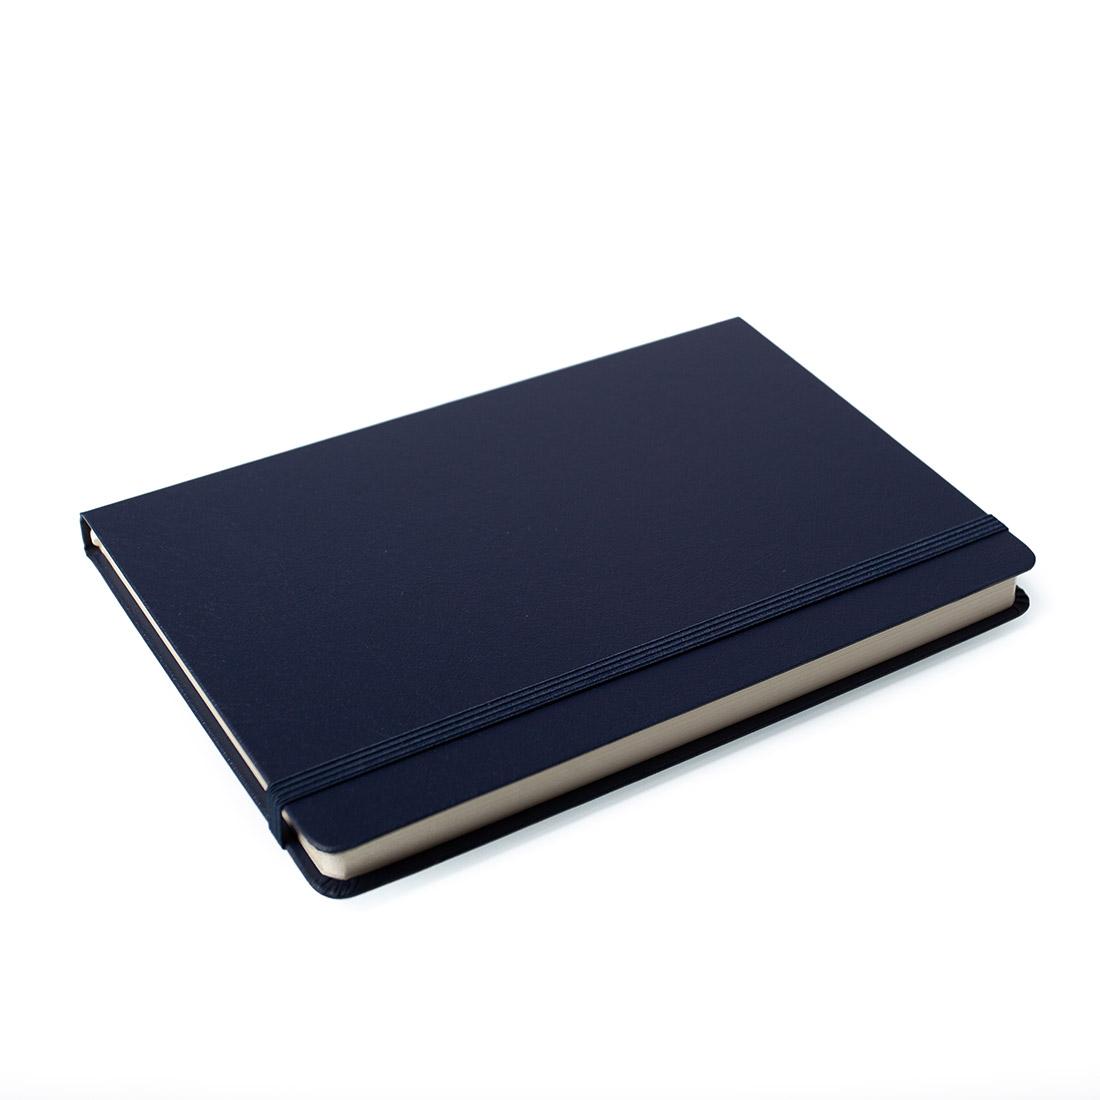 Notes Notatnik biurowy twardy w kratkę zamykany na gumkę - O.NOTE Berlin - 207 x 145 mm (A5) - niebieski